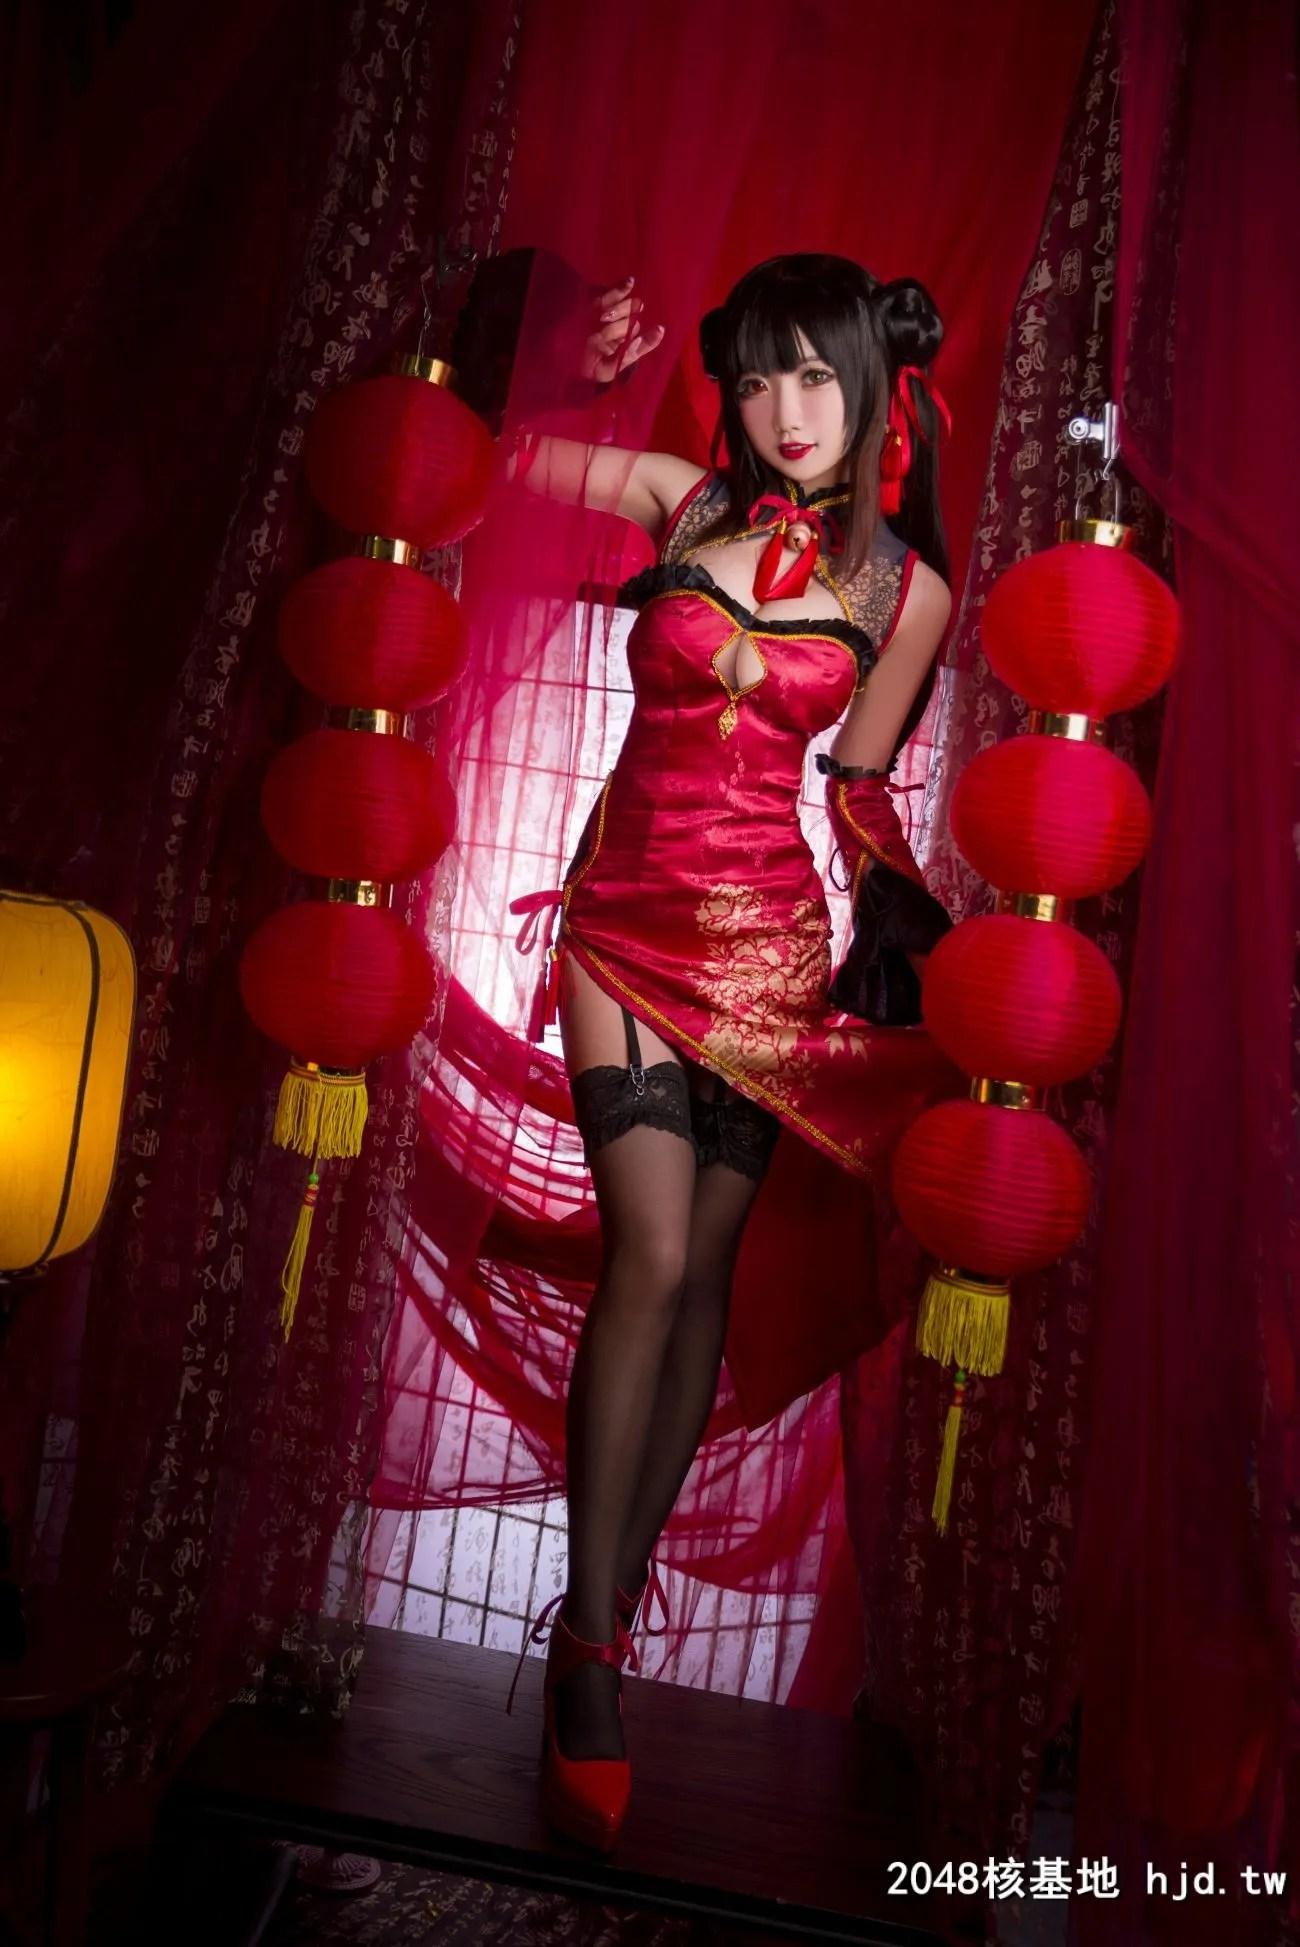 《约会大作战》时崎狂三中国旗袍Cosplay【CN:鬼畜瑶在不在w 】 (22P)插图(3)